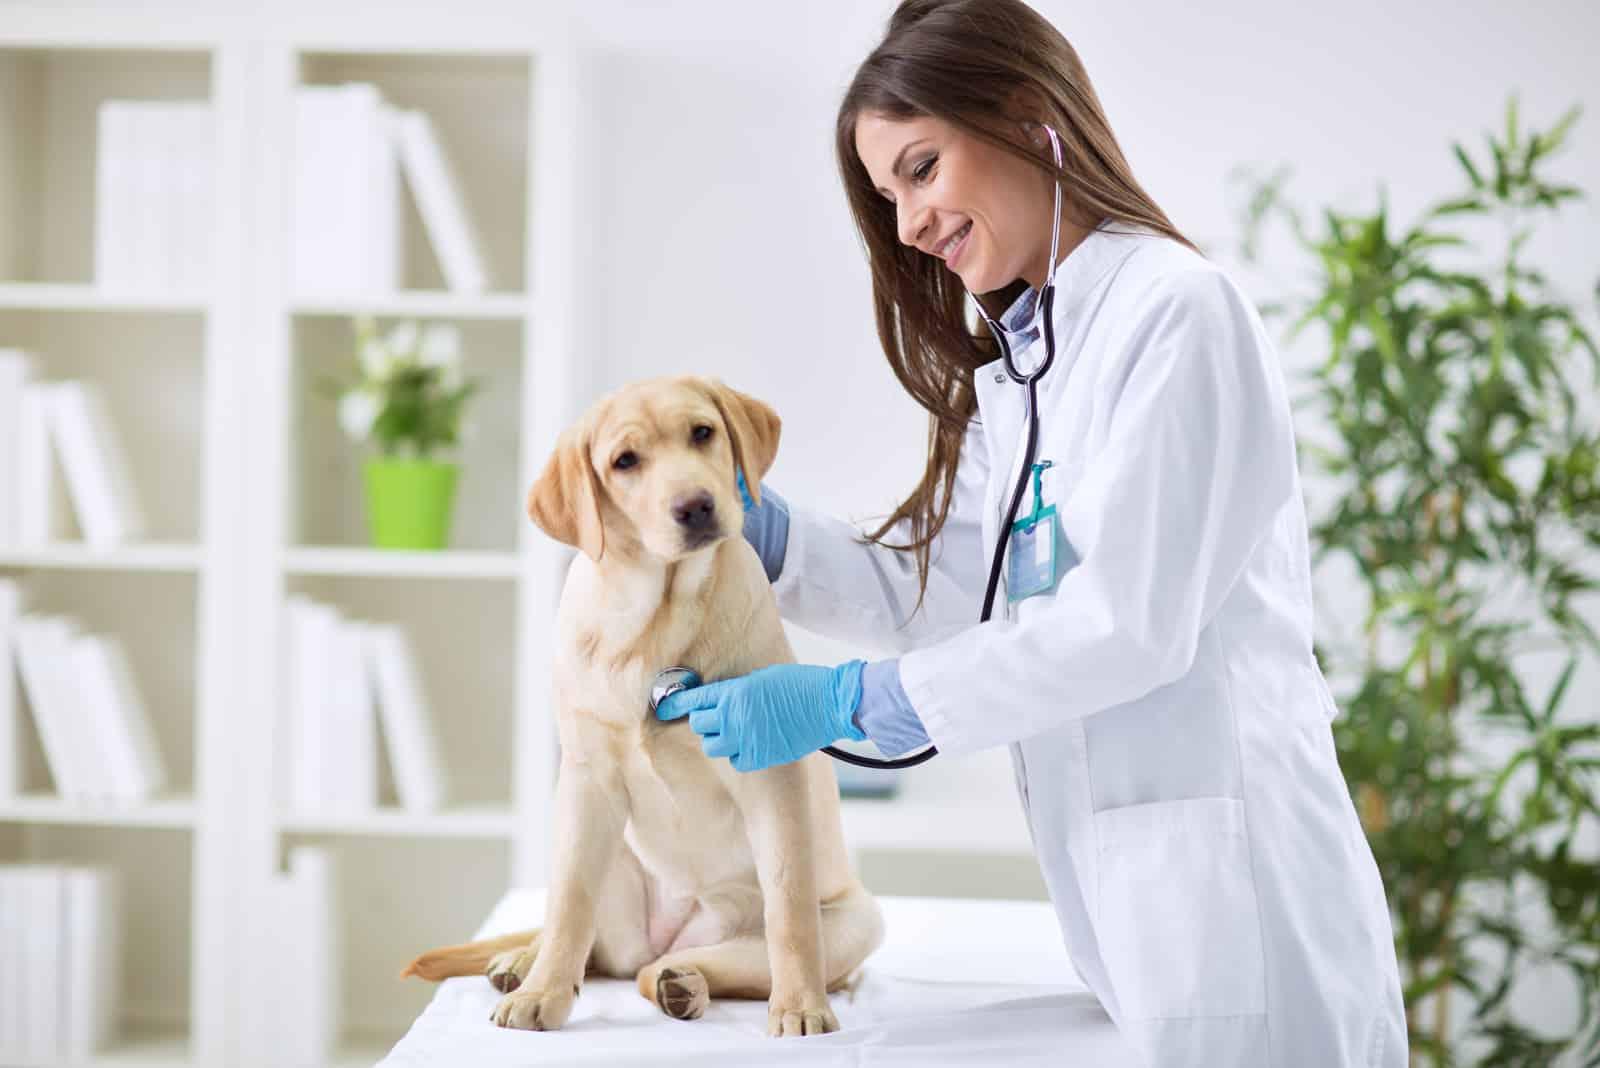 Tierarzt und ein Labrador-Welpe im Tierarzt-Krankenwagen